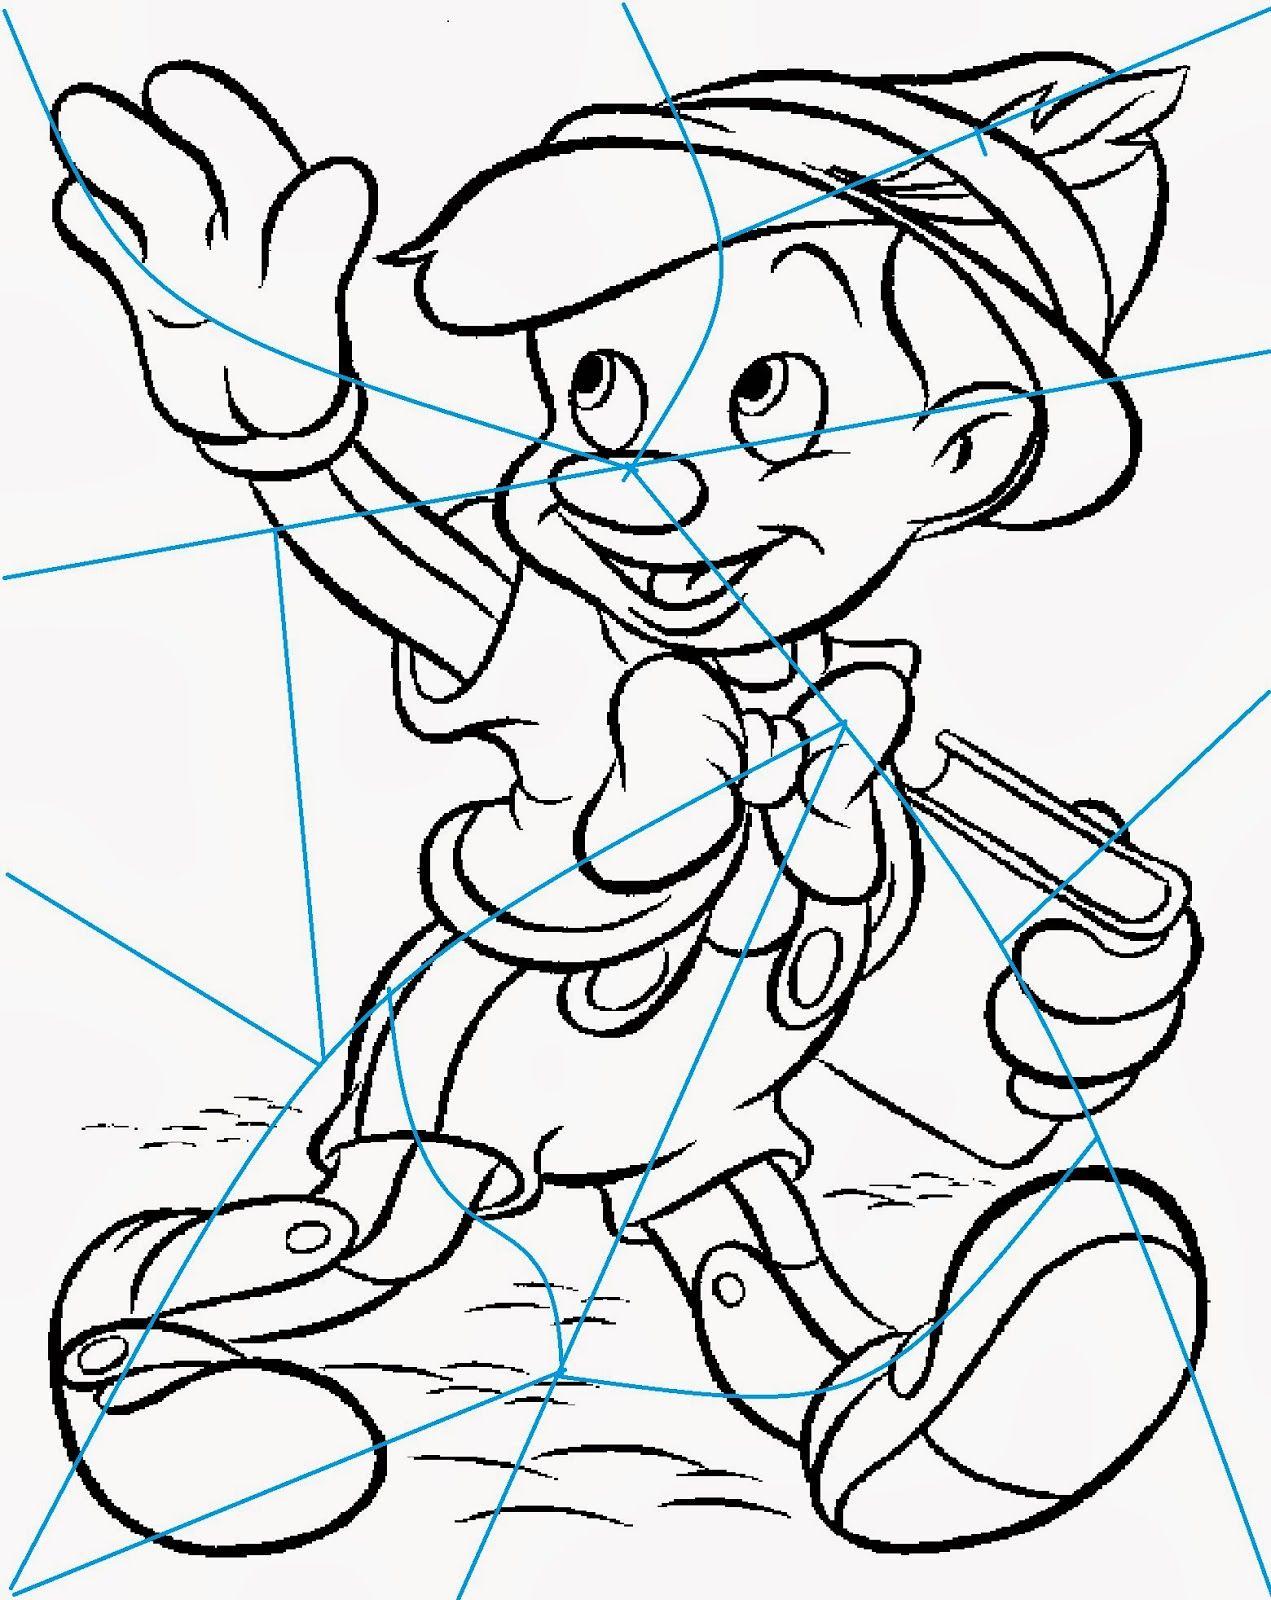 Lumea Lui Scolarel Pinocchio Puzzle Owl Coloring Pages Puppy Coloring Pages Coloring Pages [ 1600 x 1271 Pixel ]